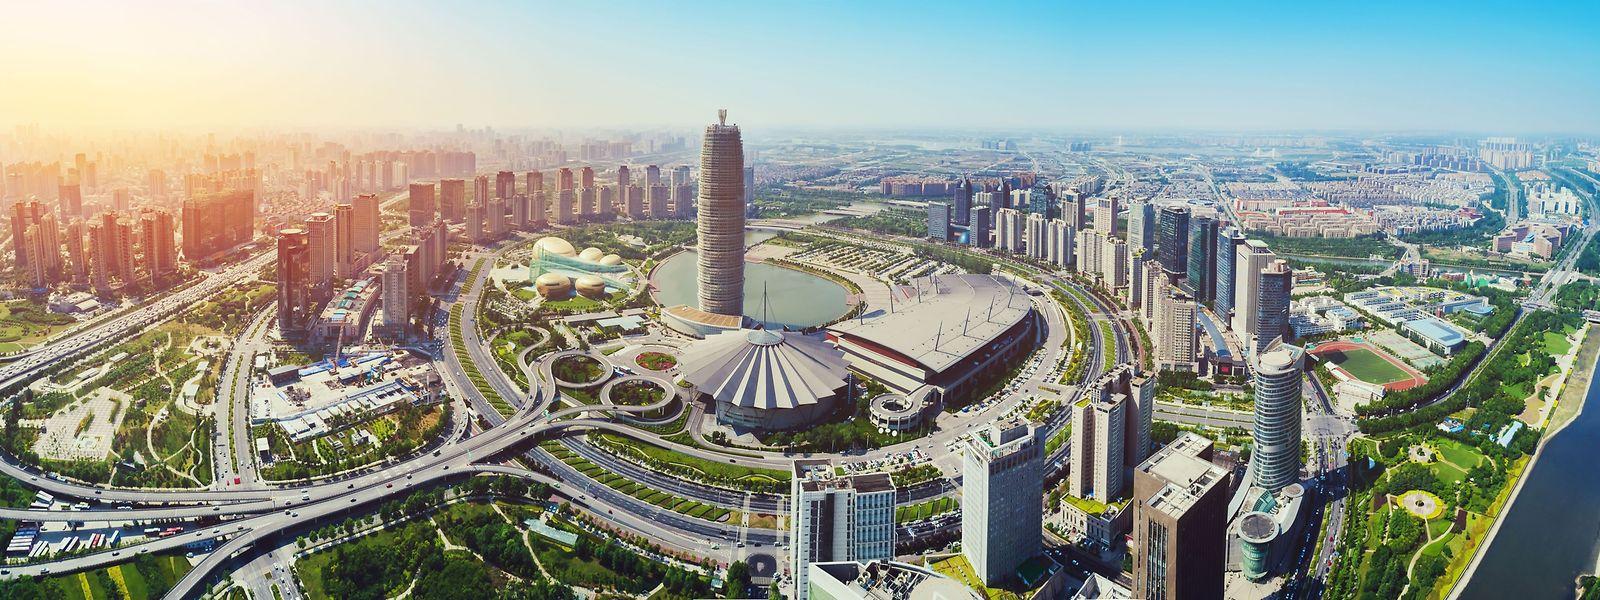 Das Areal mit Büros, Geschäftsräumen und Wohnungen soll in Zhengzhou zwischen dem Geschäftsviertel des Zhengdong New District (Bildmitte) und dem Longhu-Bezirk entstehen, der mit seinem See im Hintergrund zu erahnen ist.